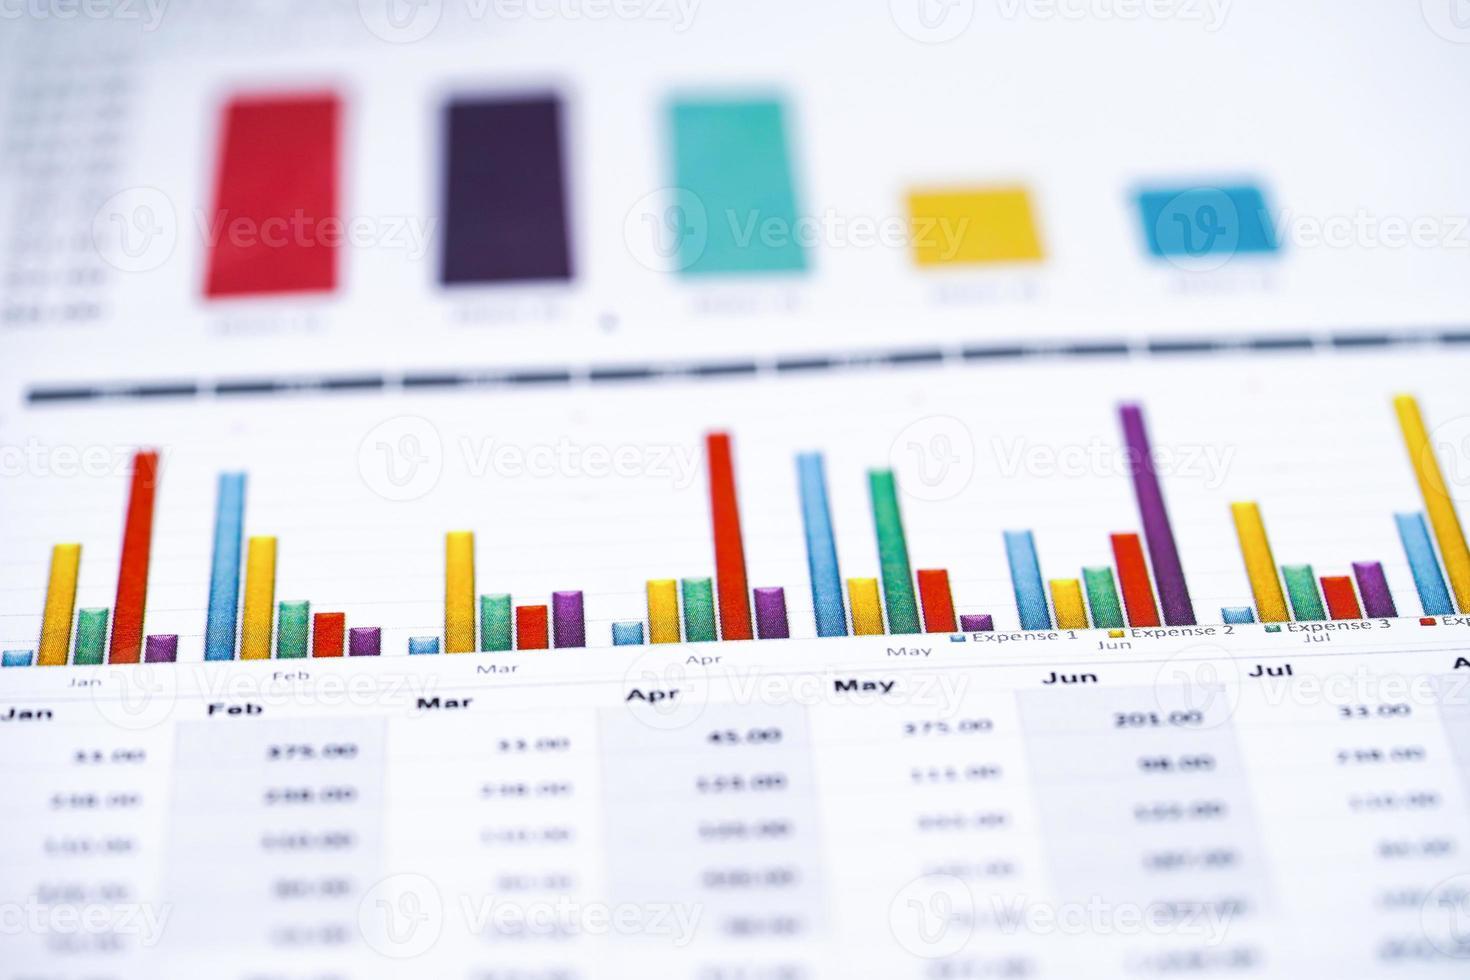 hart ou papel quadriculado. conceito de dados financeiros, de contas, de estatísticas e de negócios. foto